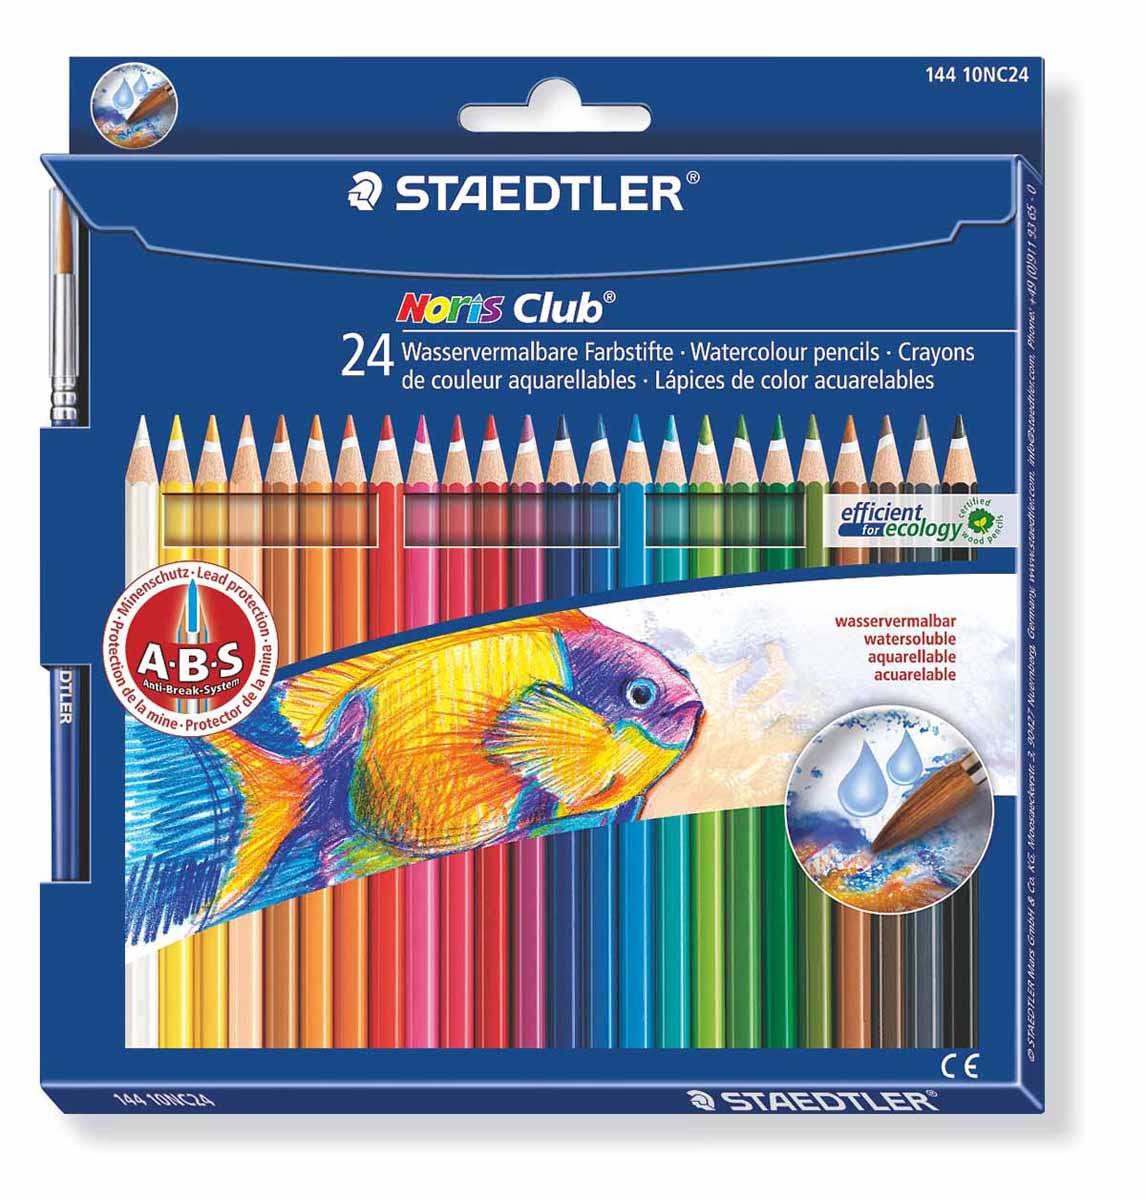 Staedtler Набор акварельных карандашей Noris Club с кисточкой 24 цветаC13S041944Набор цветных карандашей шестигранной формы с акварельным грифелем Noris Club 24 шт + кисть, Staedtler. Содержит 24 цвета в ассортименте. Широкий выбор возможностей для рисования - также водой и кистью.